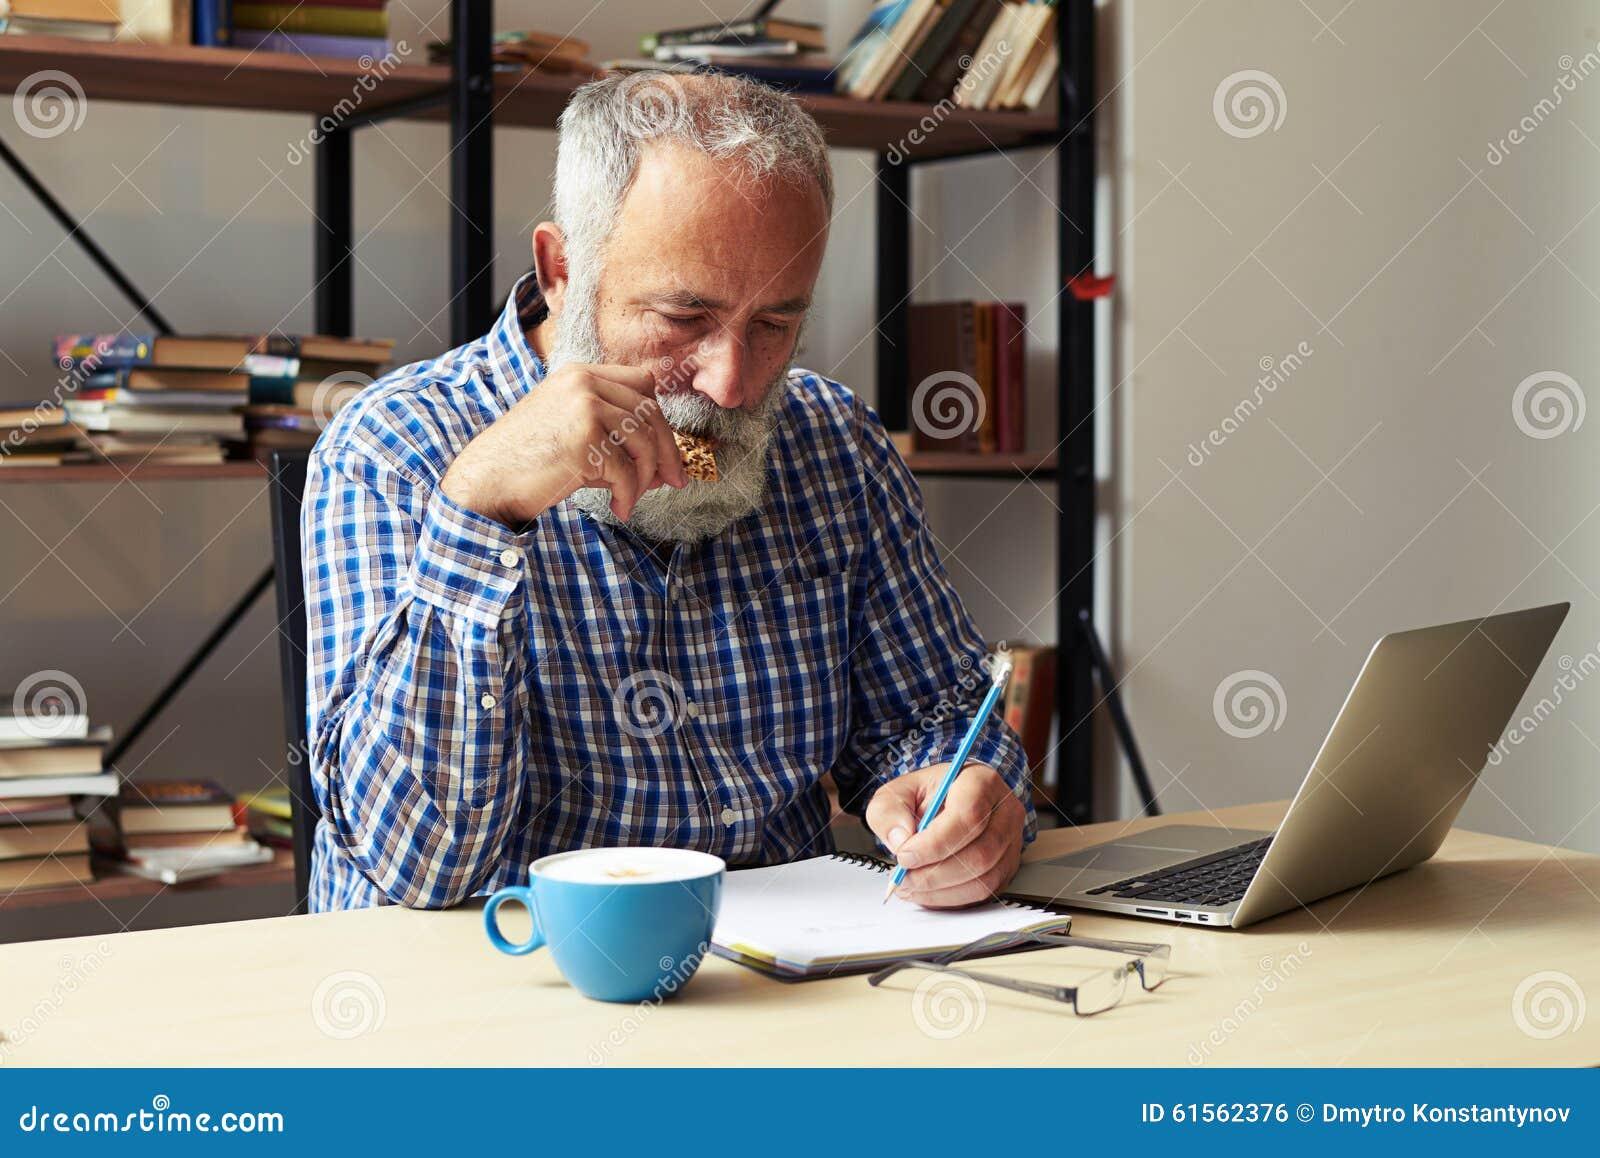 Författare som äter kakor och arbete i hans rum